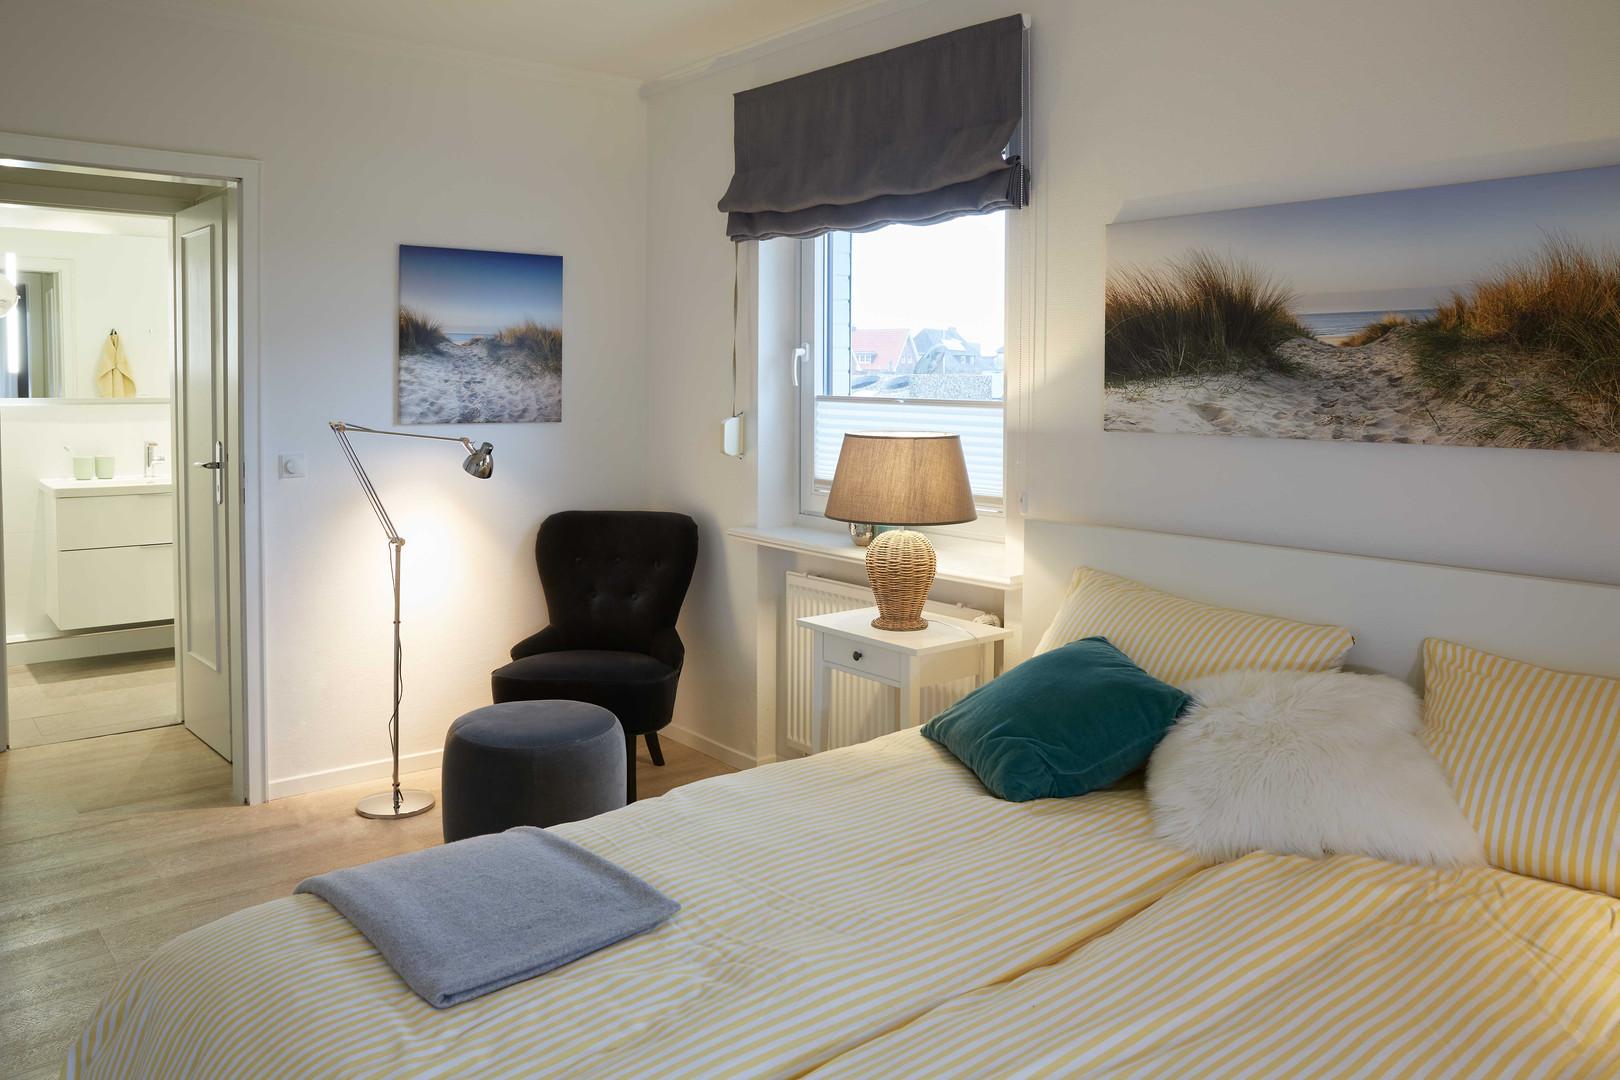 Meeresrauschen Schlafzimmer